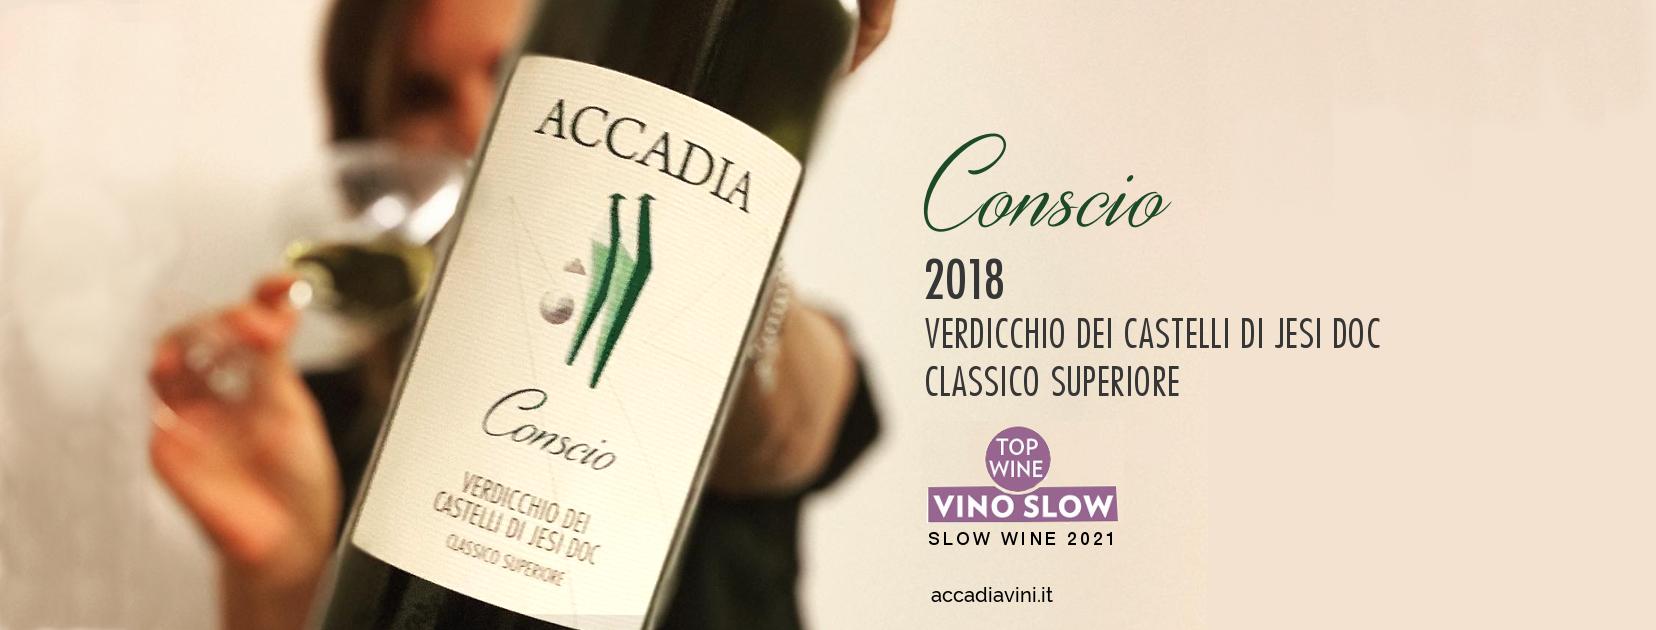 Guida Slow Wine 2021. Il nostro Conscio 2018 è TOP WINE - VINO SLOW